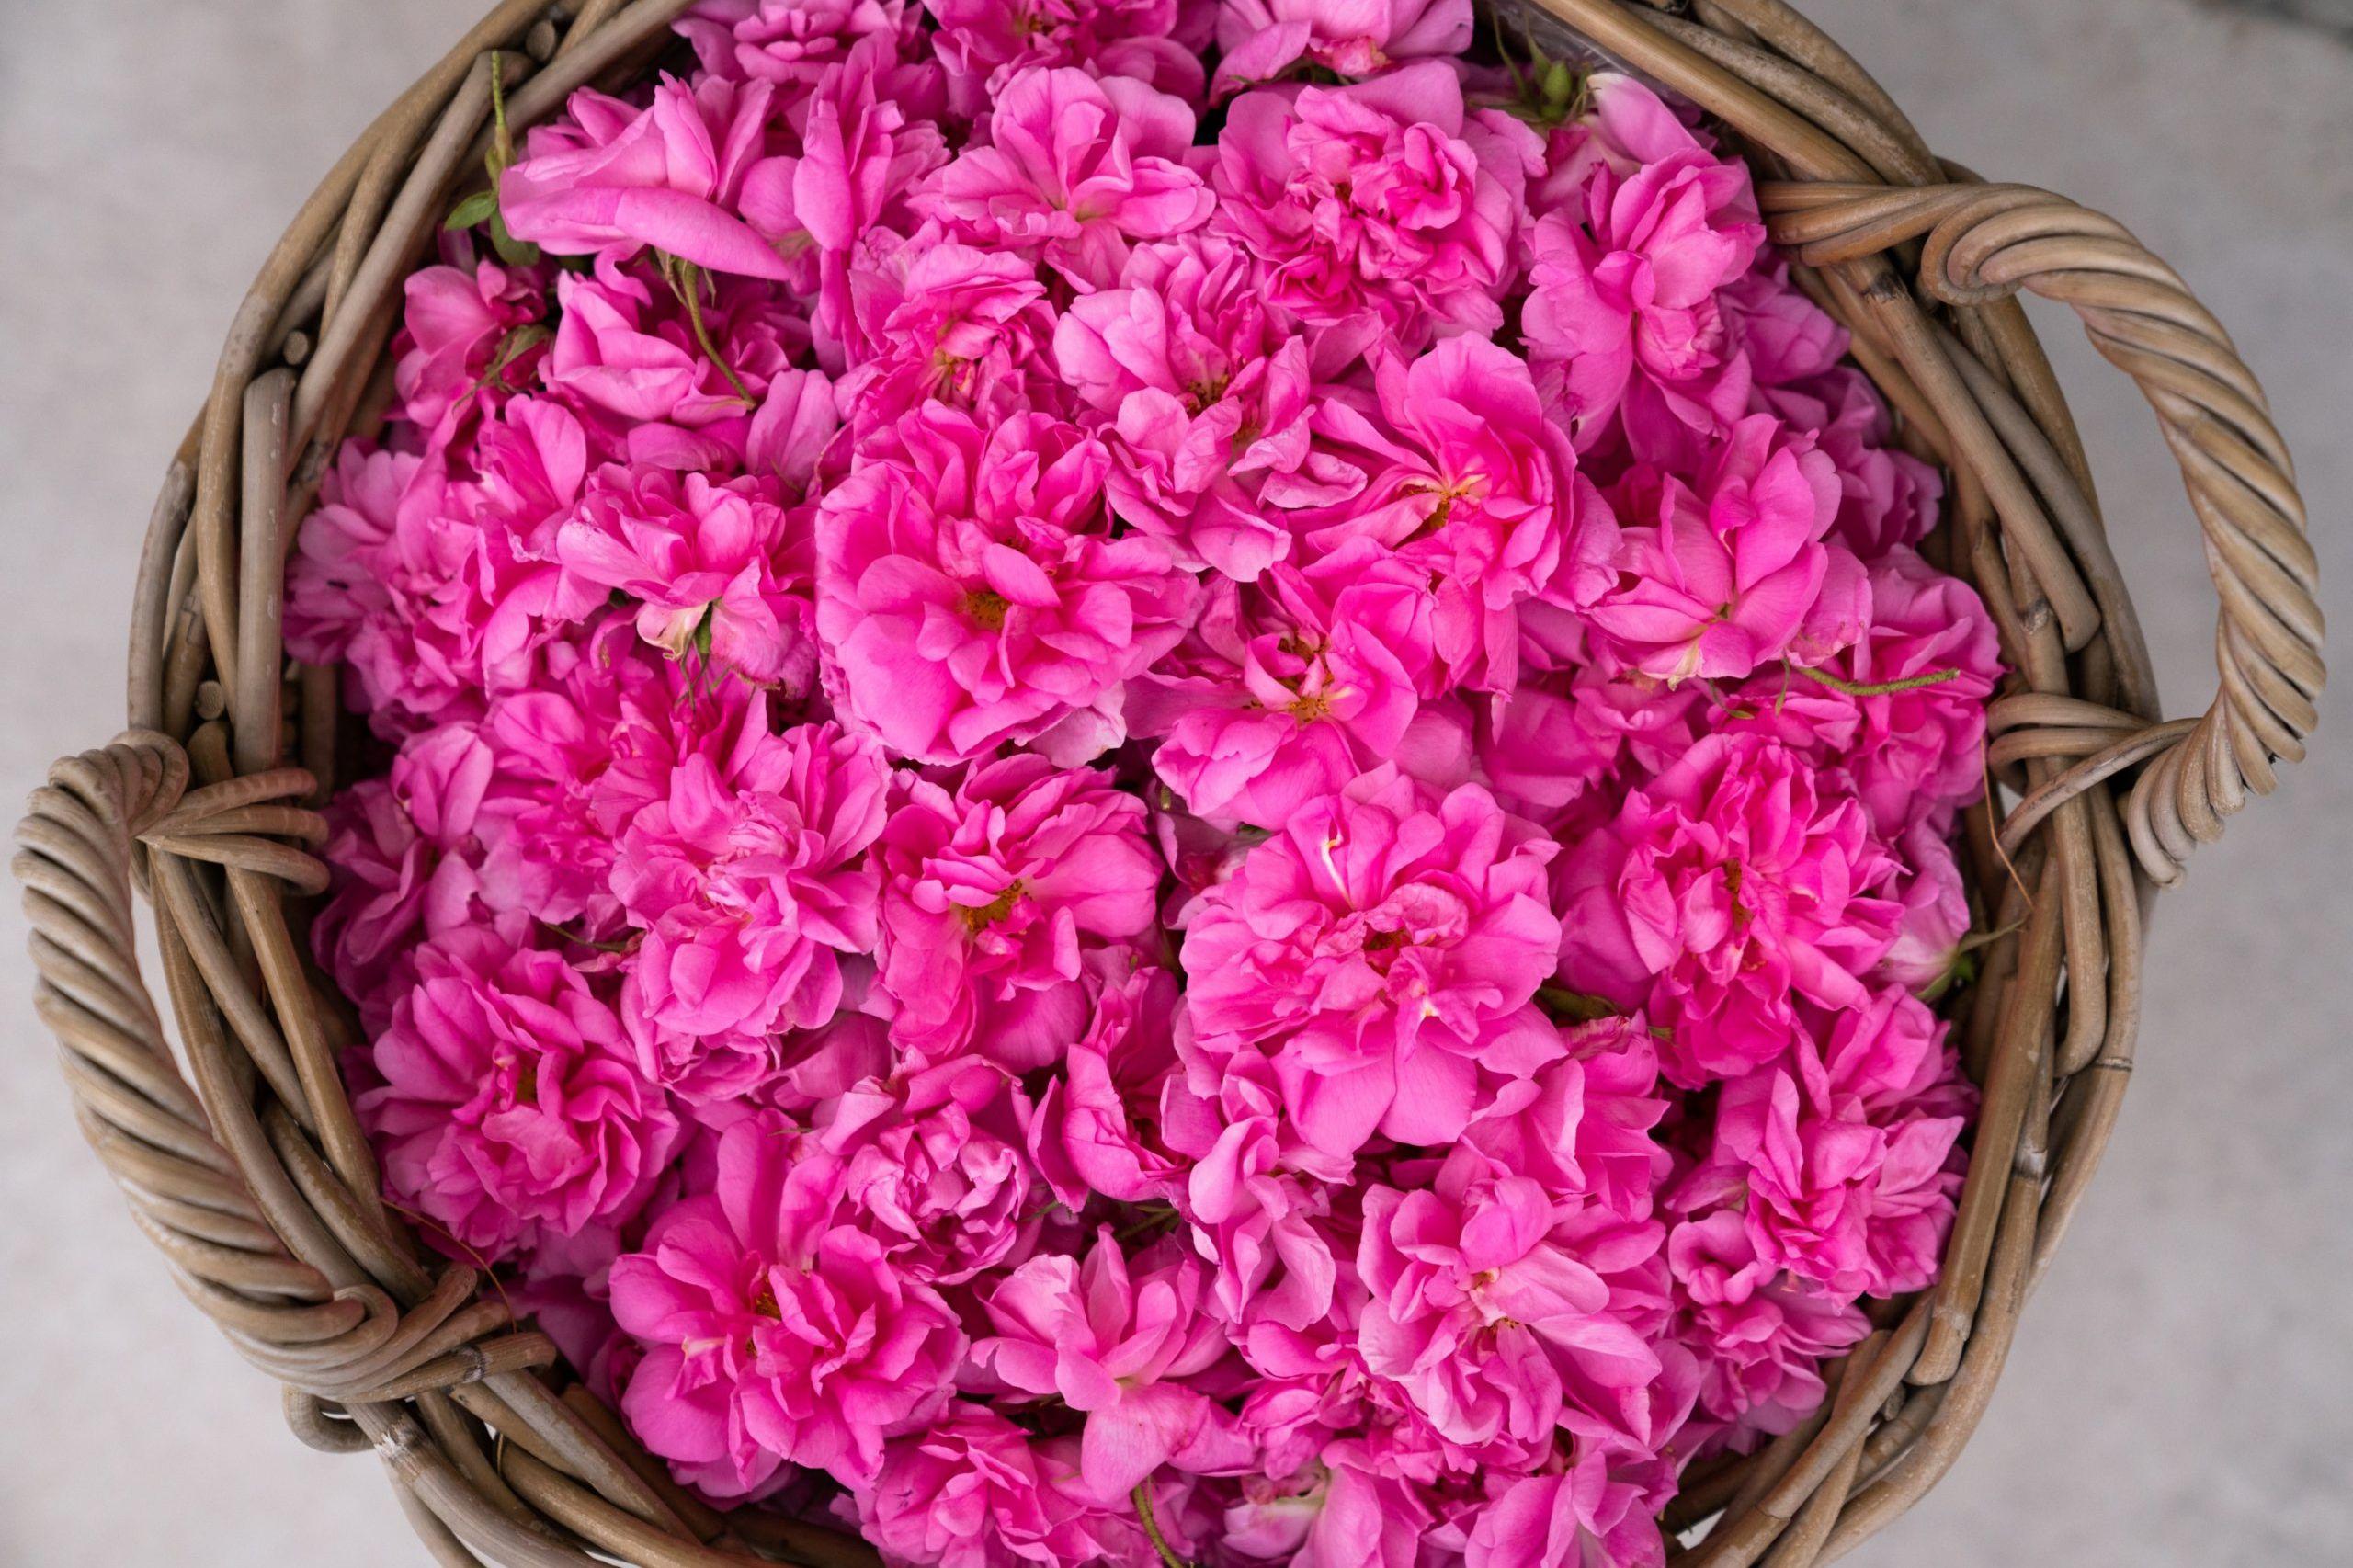 Vrtnica damaščanka